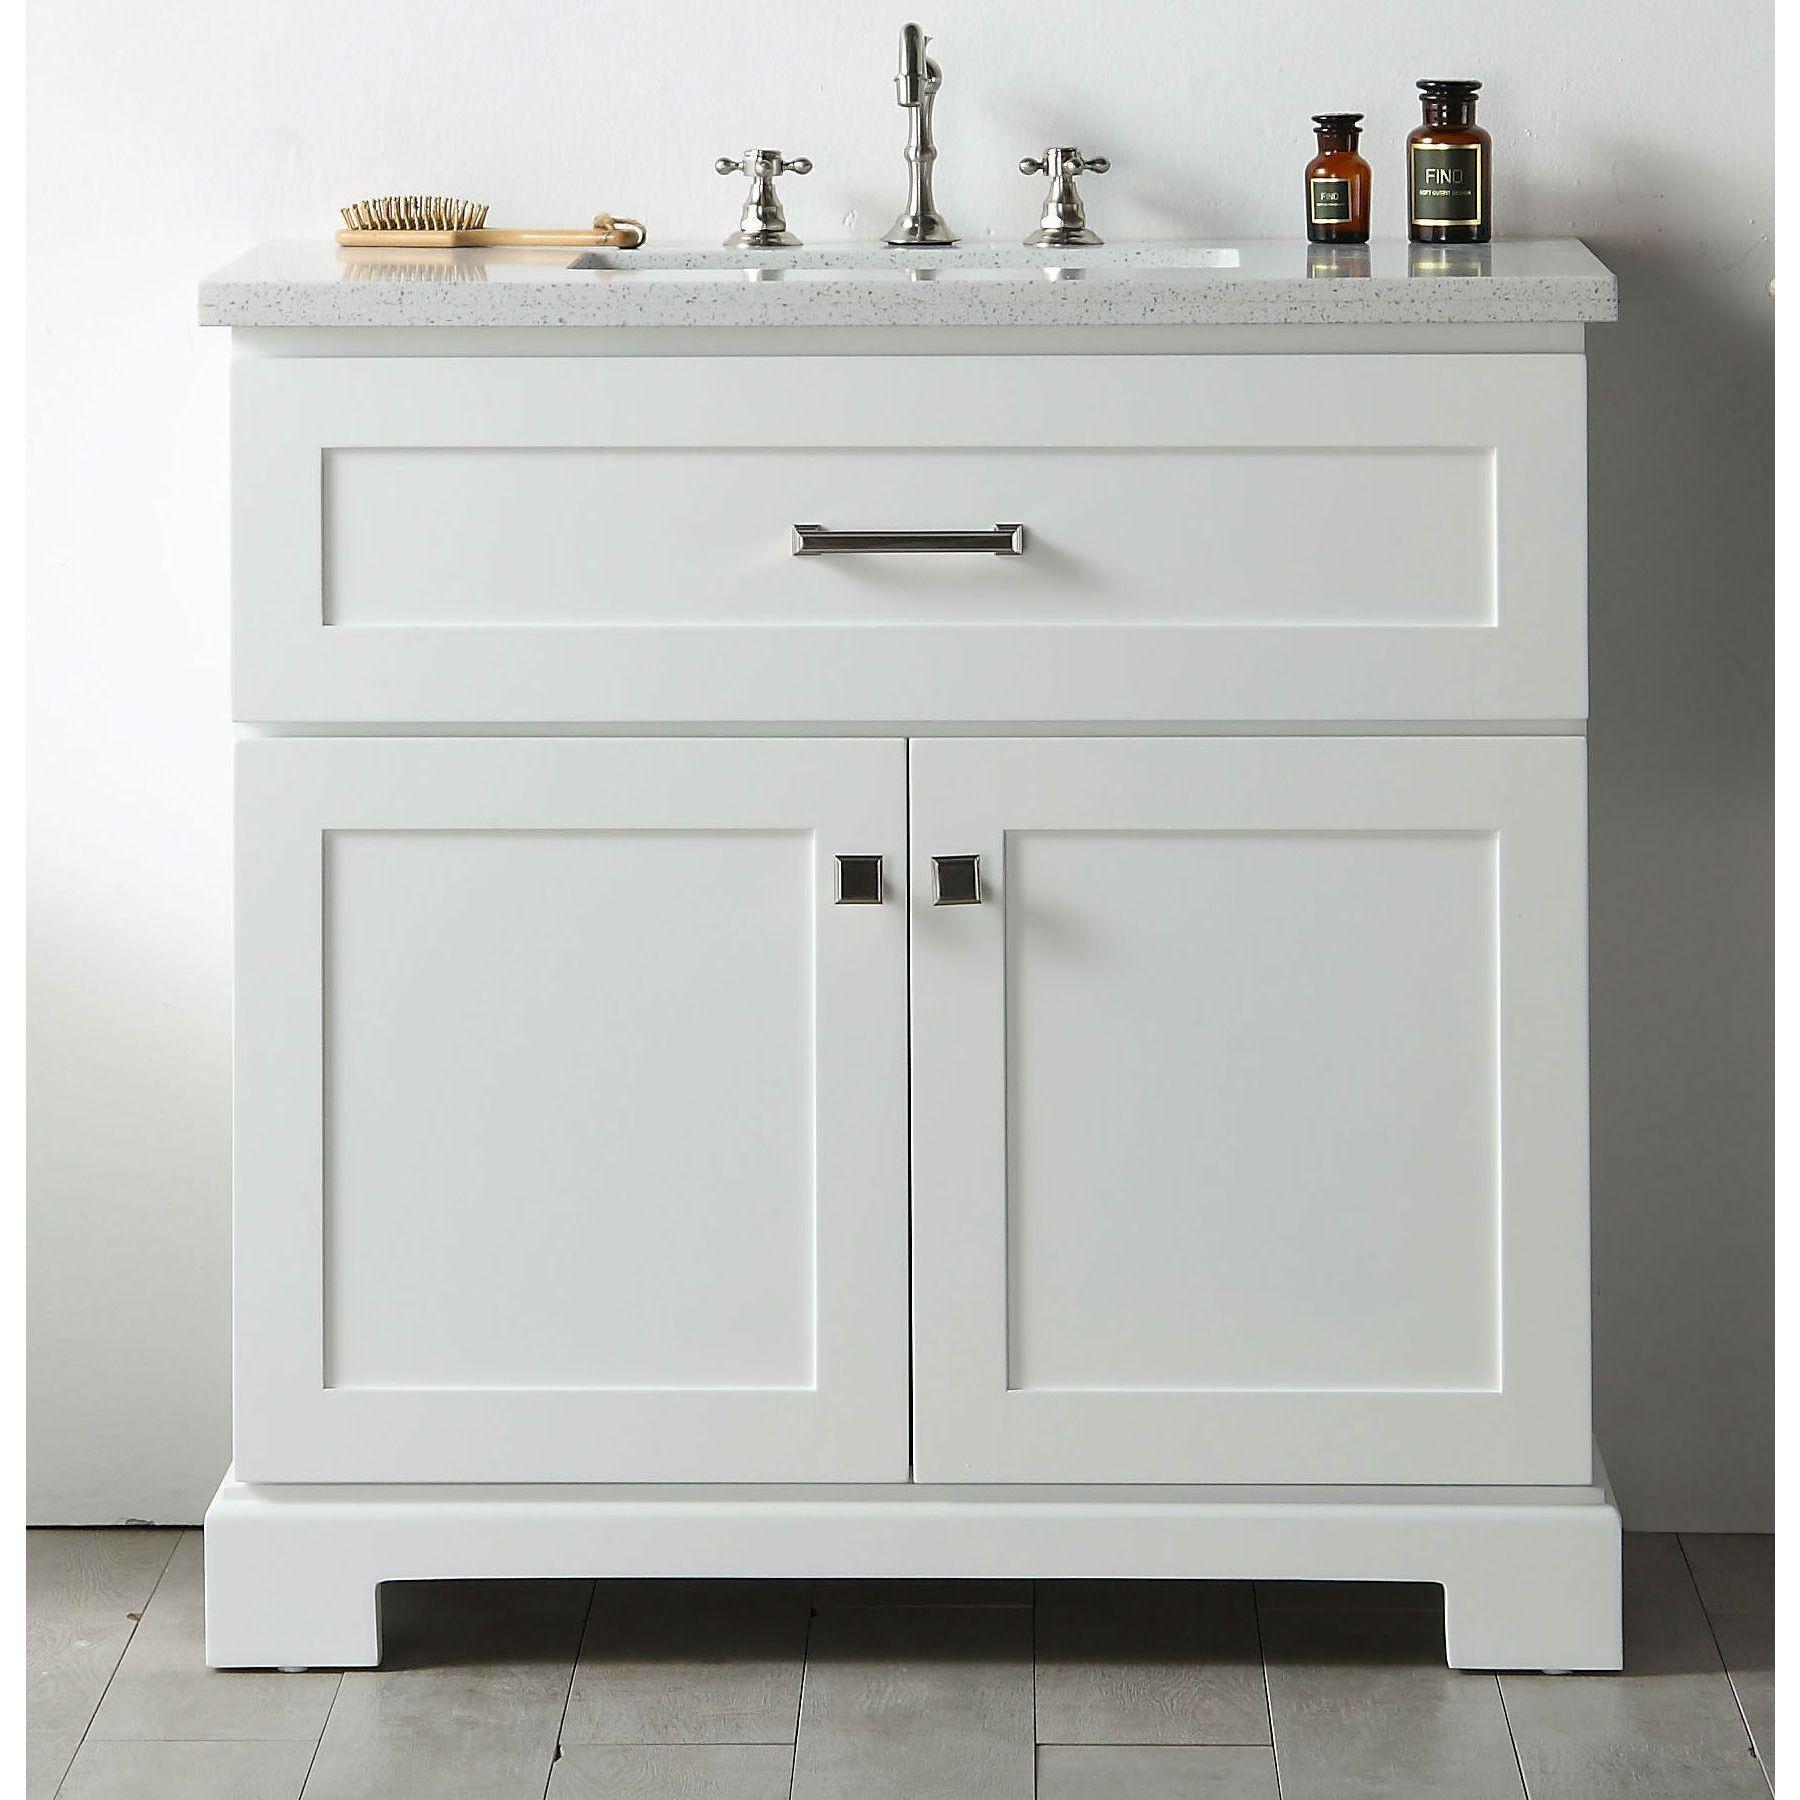 Bathroom Remodeling Choosing Your New Bathtub Legion Furniture Wood Quartz Top 36 Inch Sink